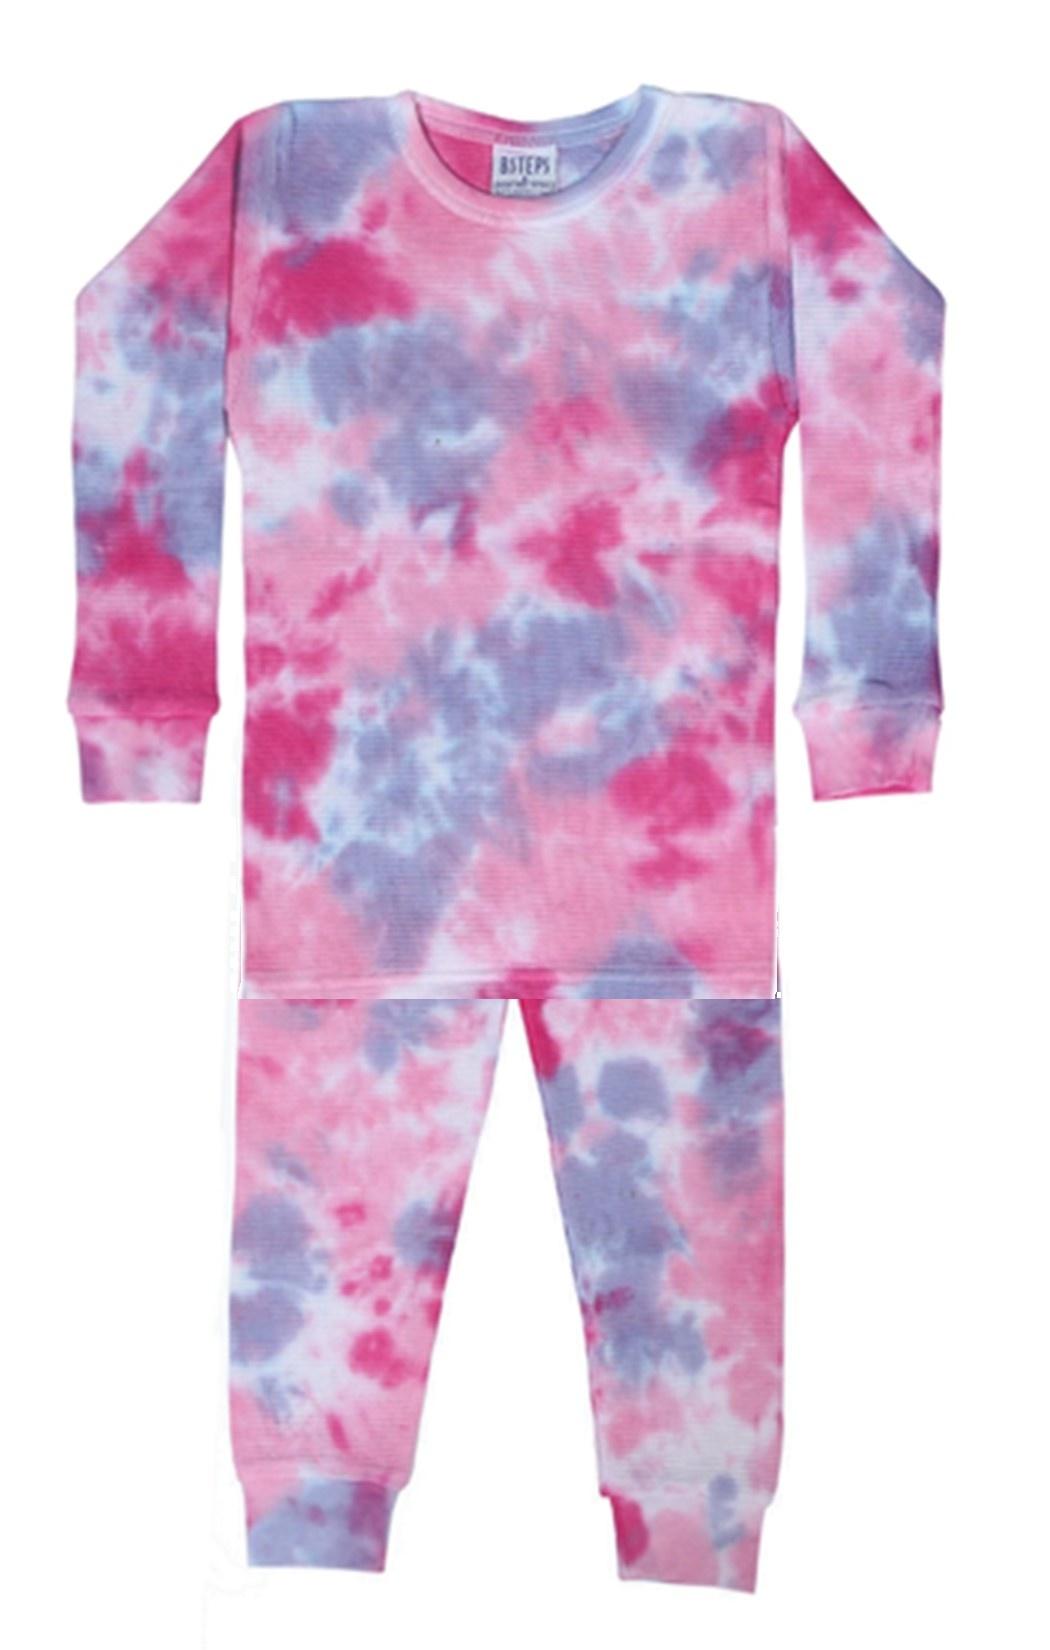 Baby Steps Pink/Purple Tie Dye Thermal PJ Set